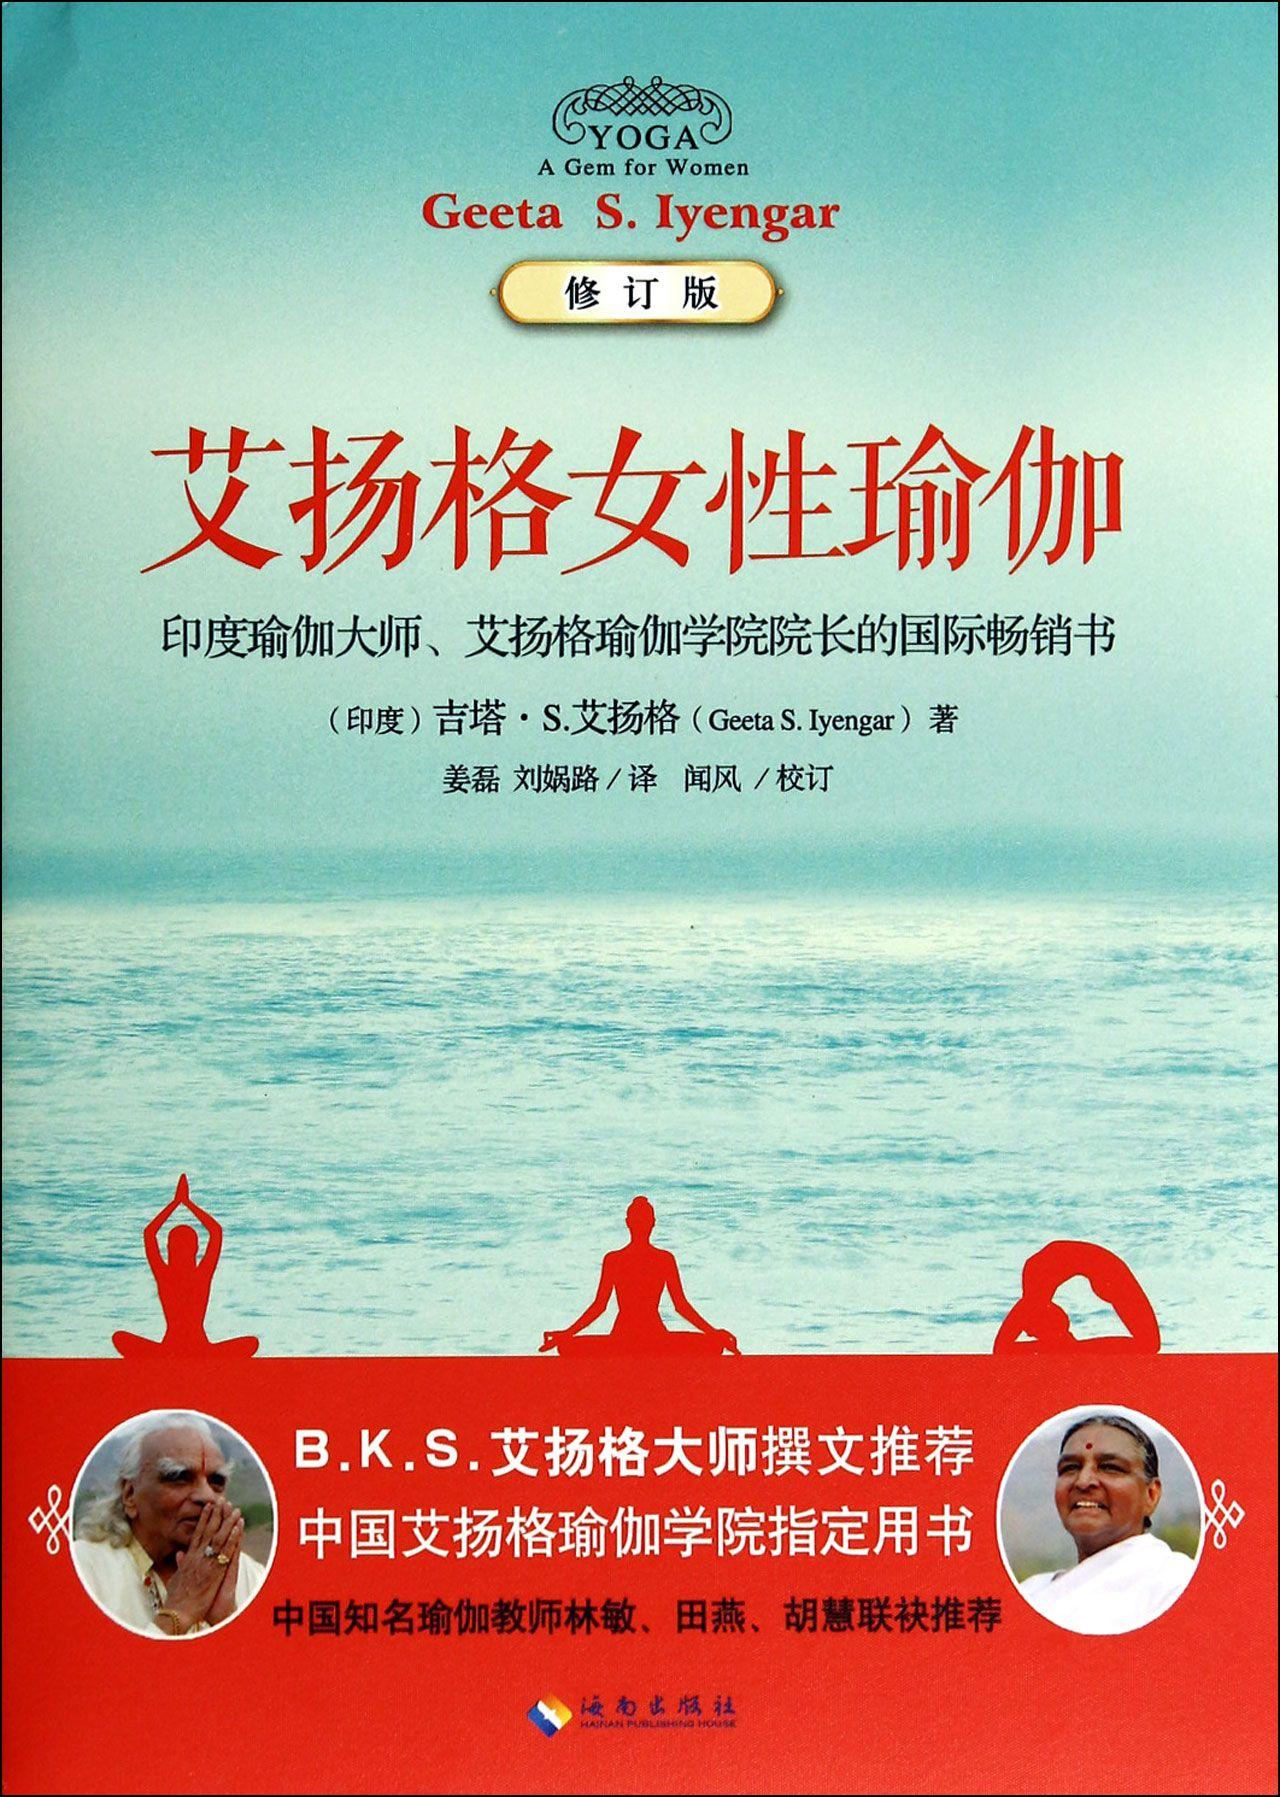 《艾扬格女性瑜伽(修订版)》(印度)吉塔·s.艾扬格